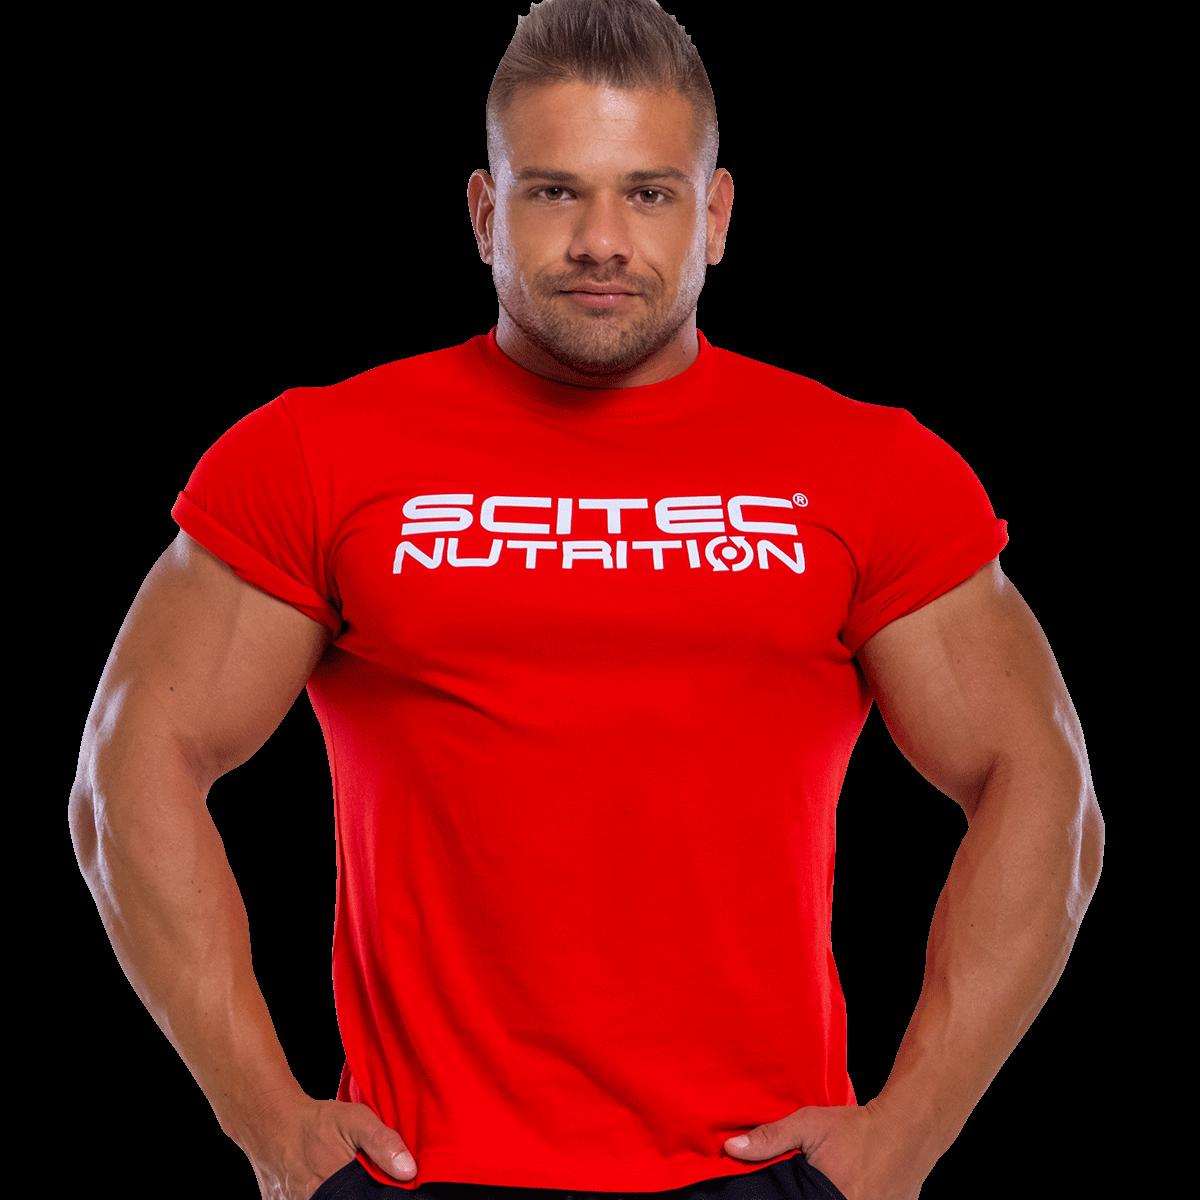 Scitec Nutrition Basic Scitec Nutrition Mens T-Shirt